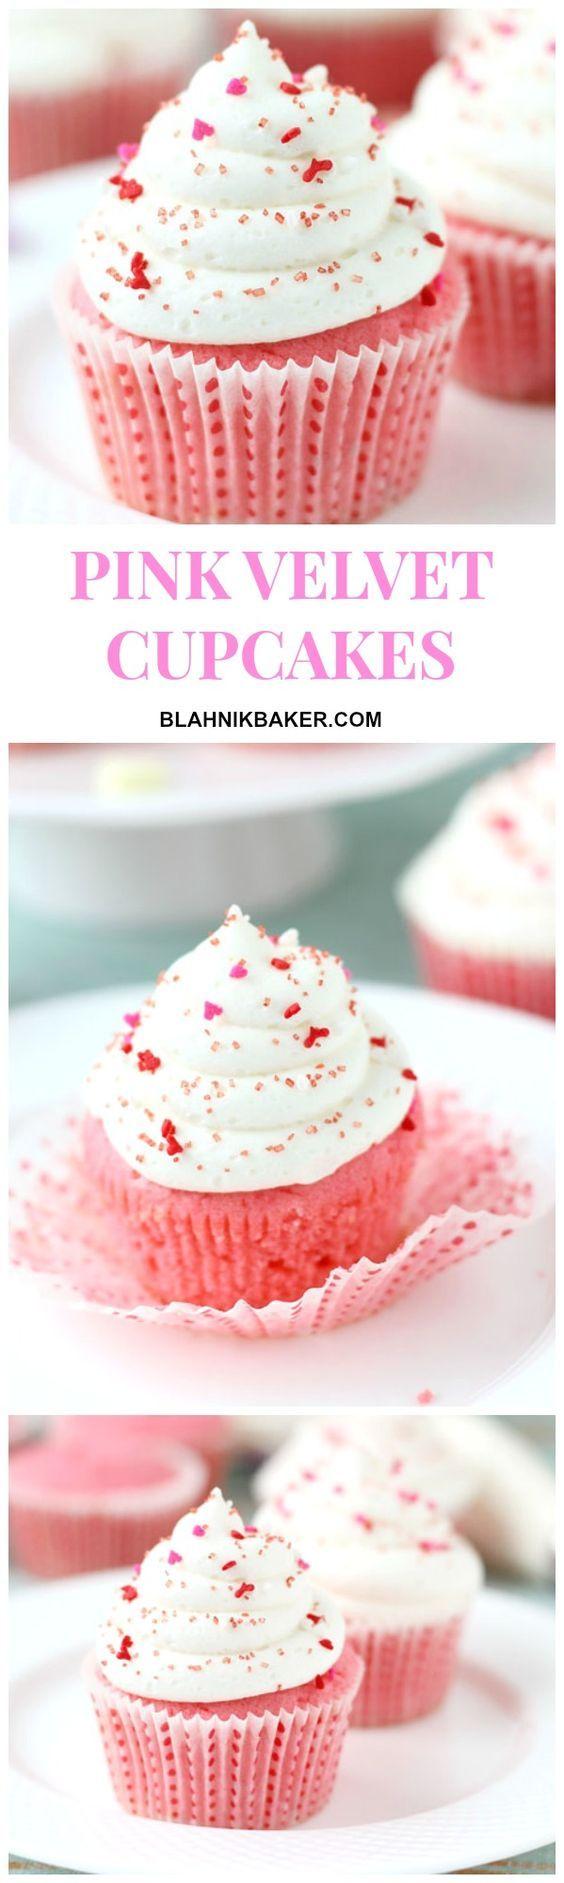 PINK VELVET CUPCAKES ~ perfect for valentine's day, baby shower or girl birthday party. http://blahnikbaker.com